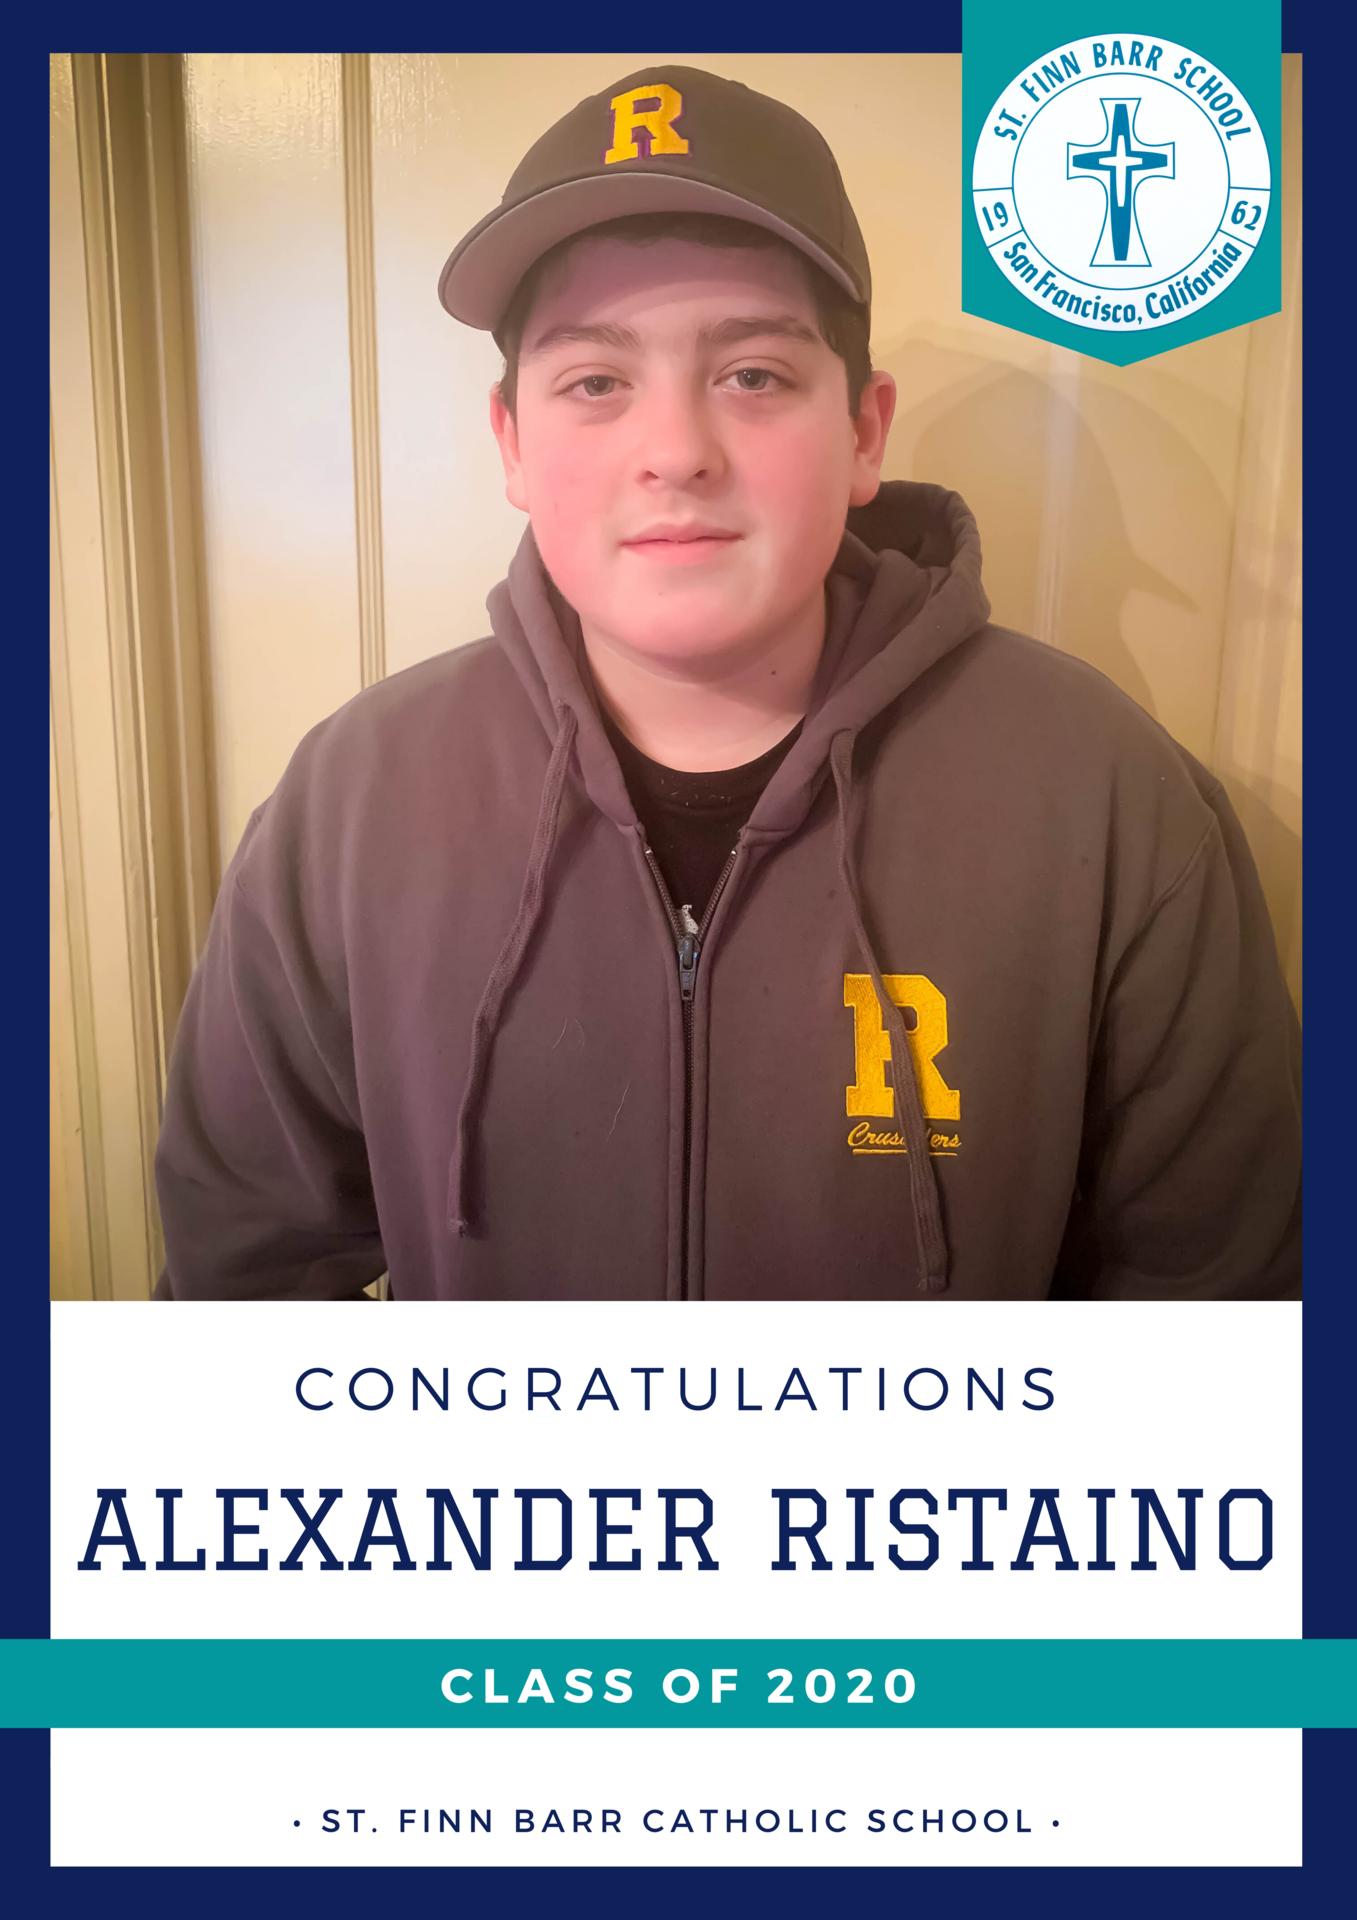 Alex Ristaino